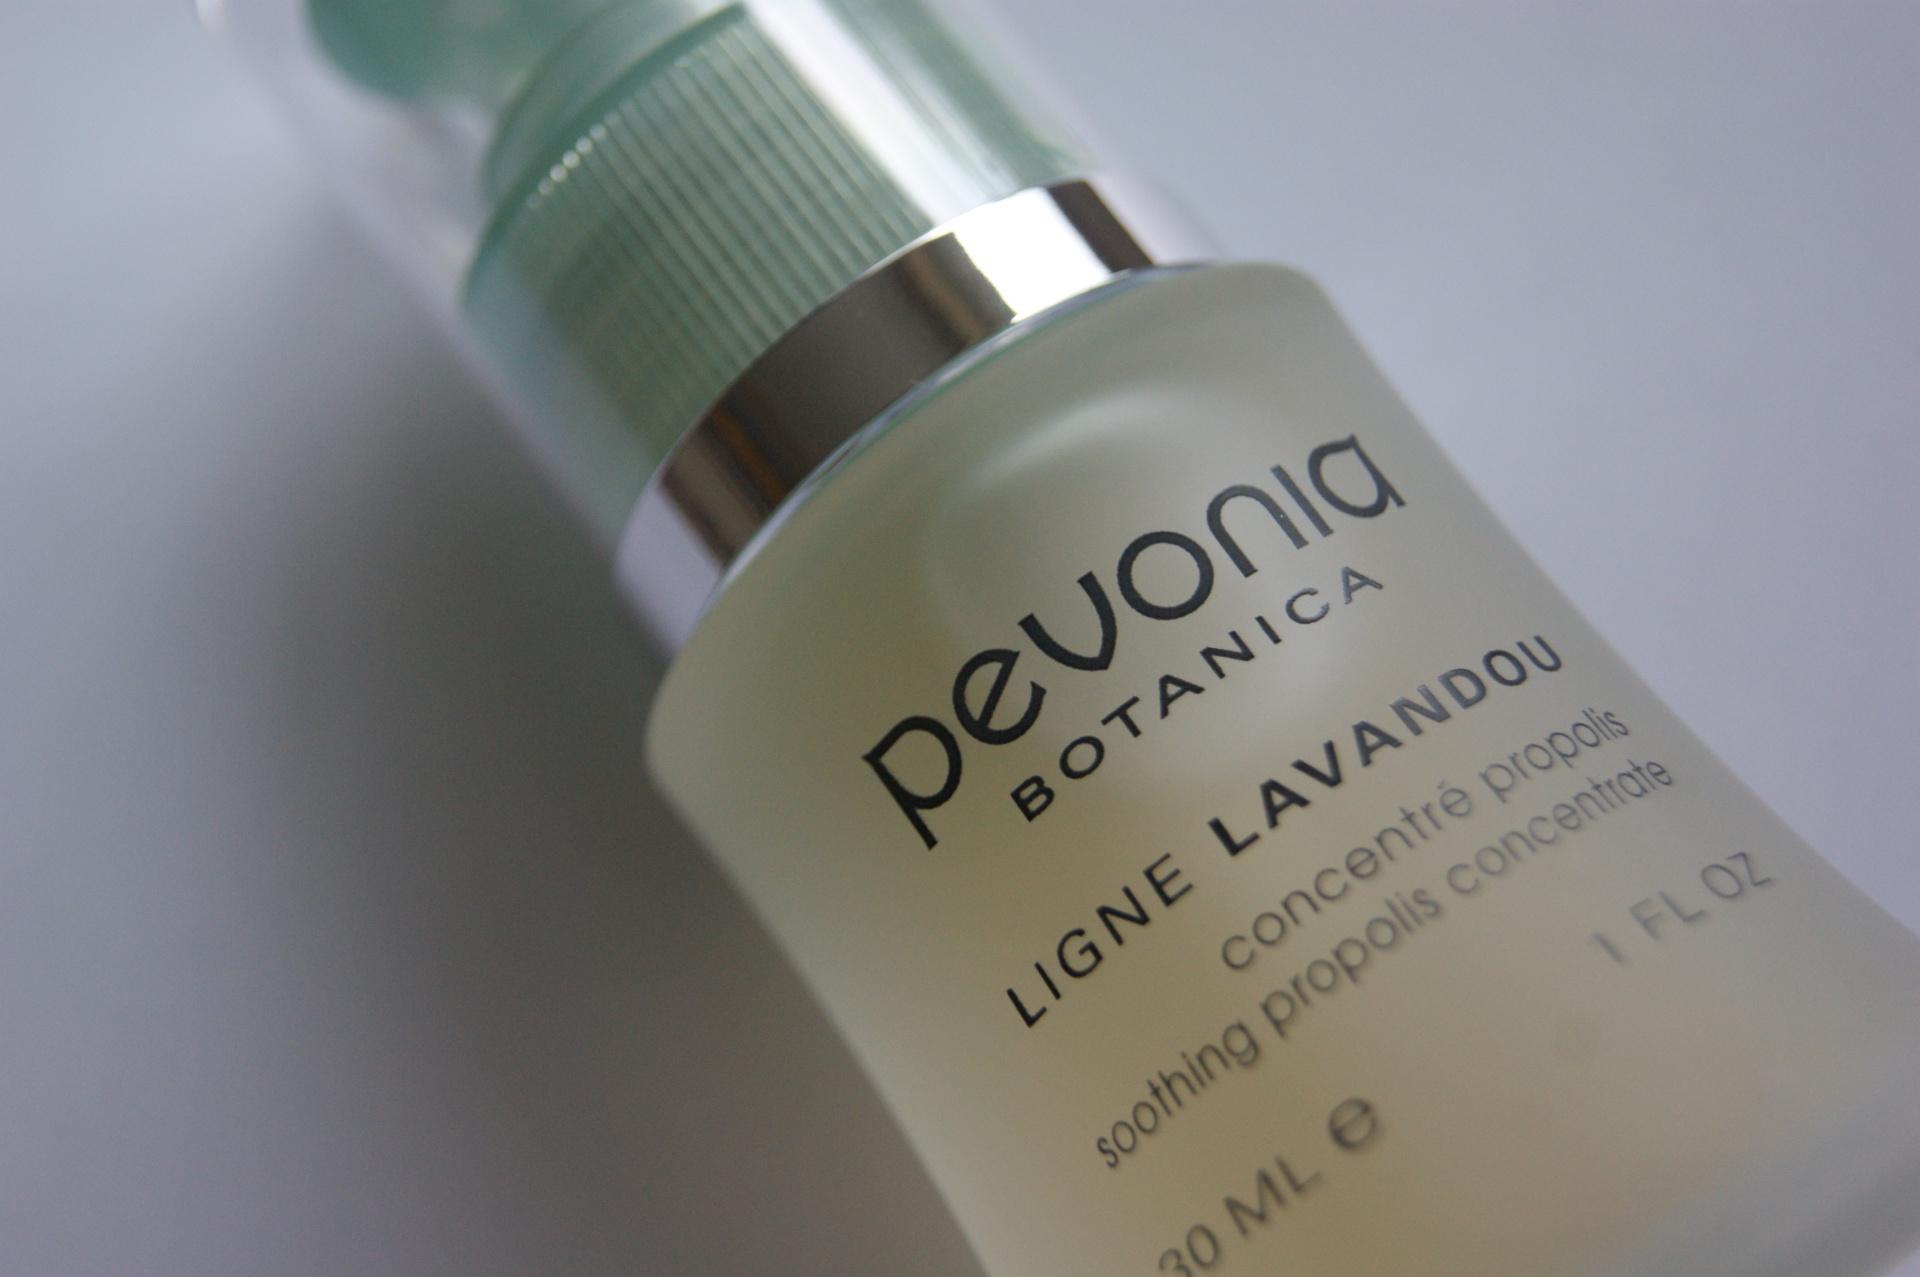 Pevonia - Concentrate Propolis